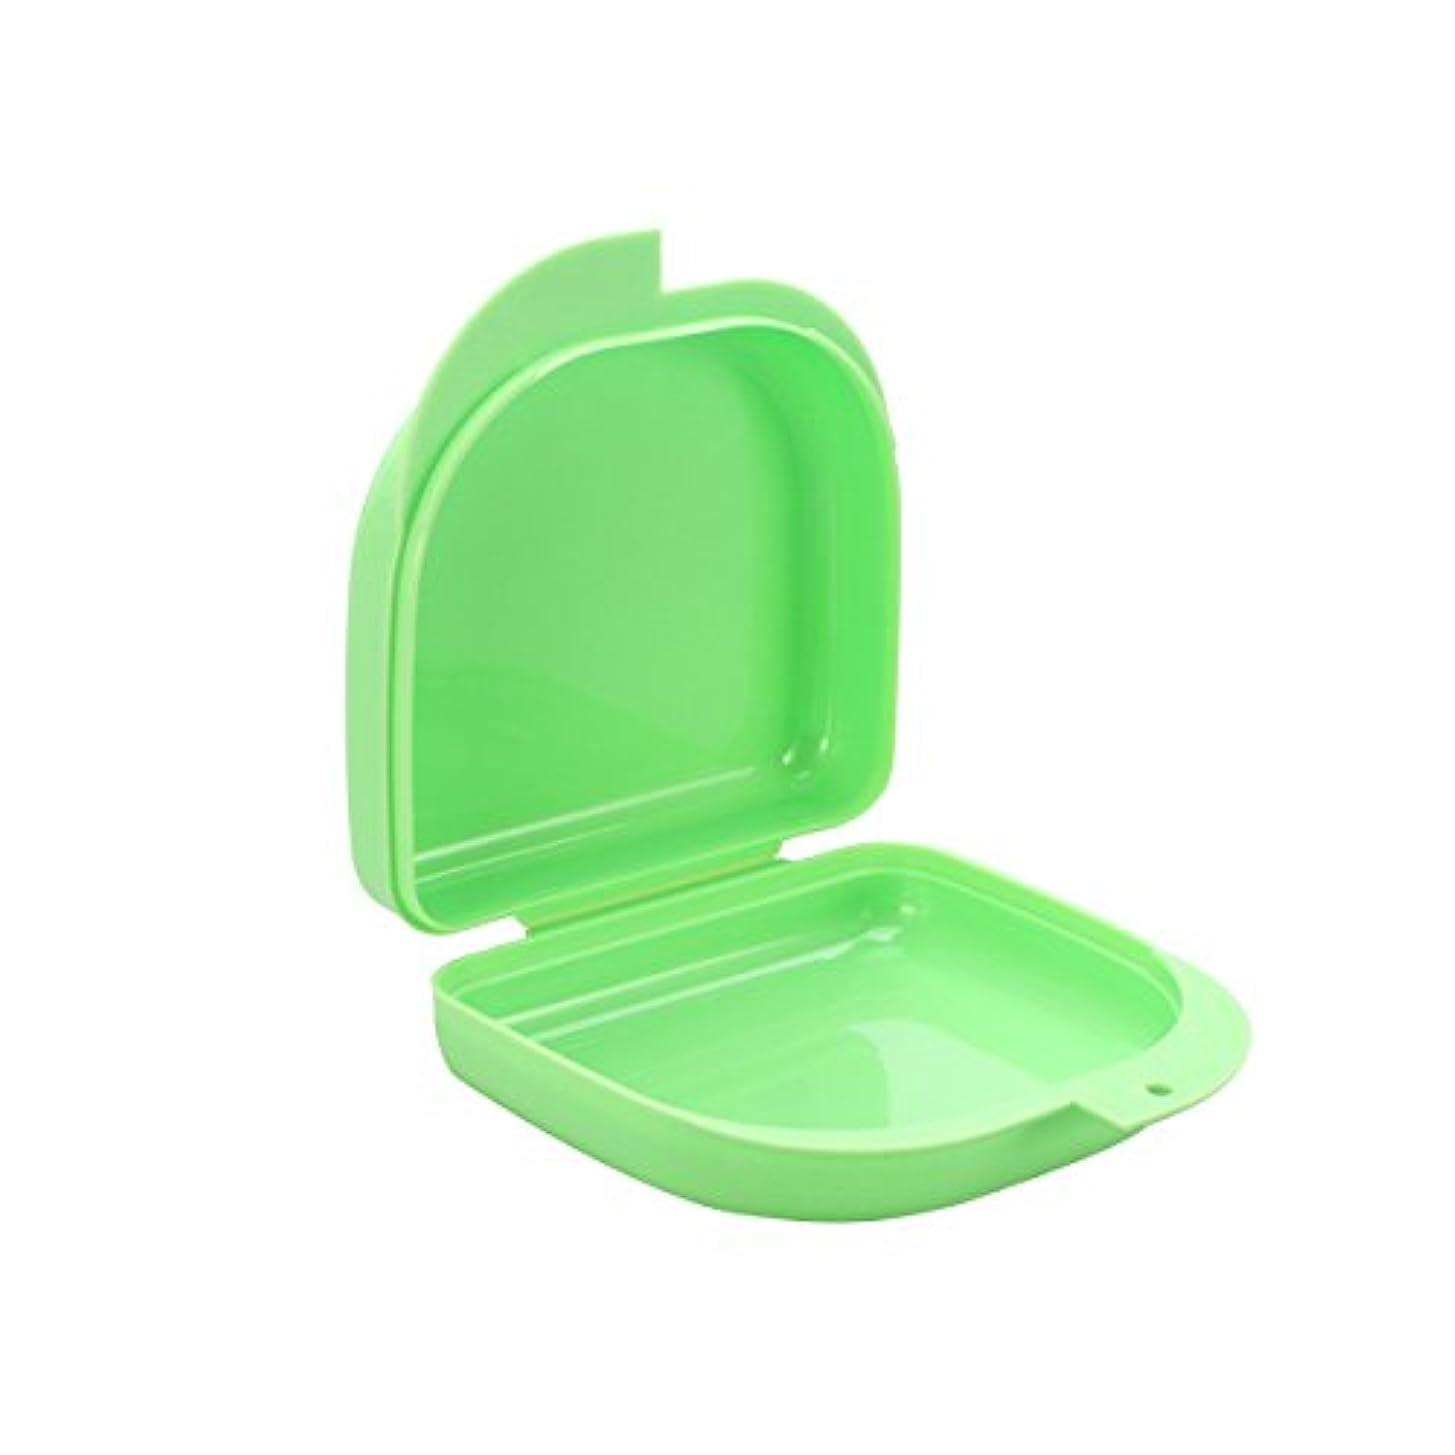 見せます薬用お願いしますROSENICE 義歯ケース口ガードケース義歯ボックス義歯収納容器(緑)